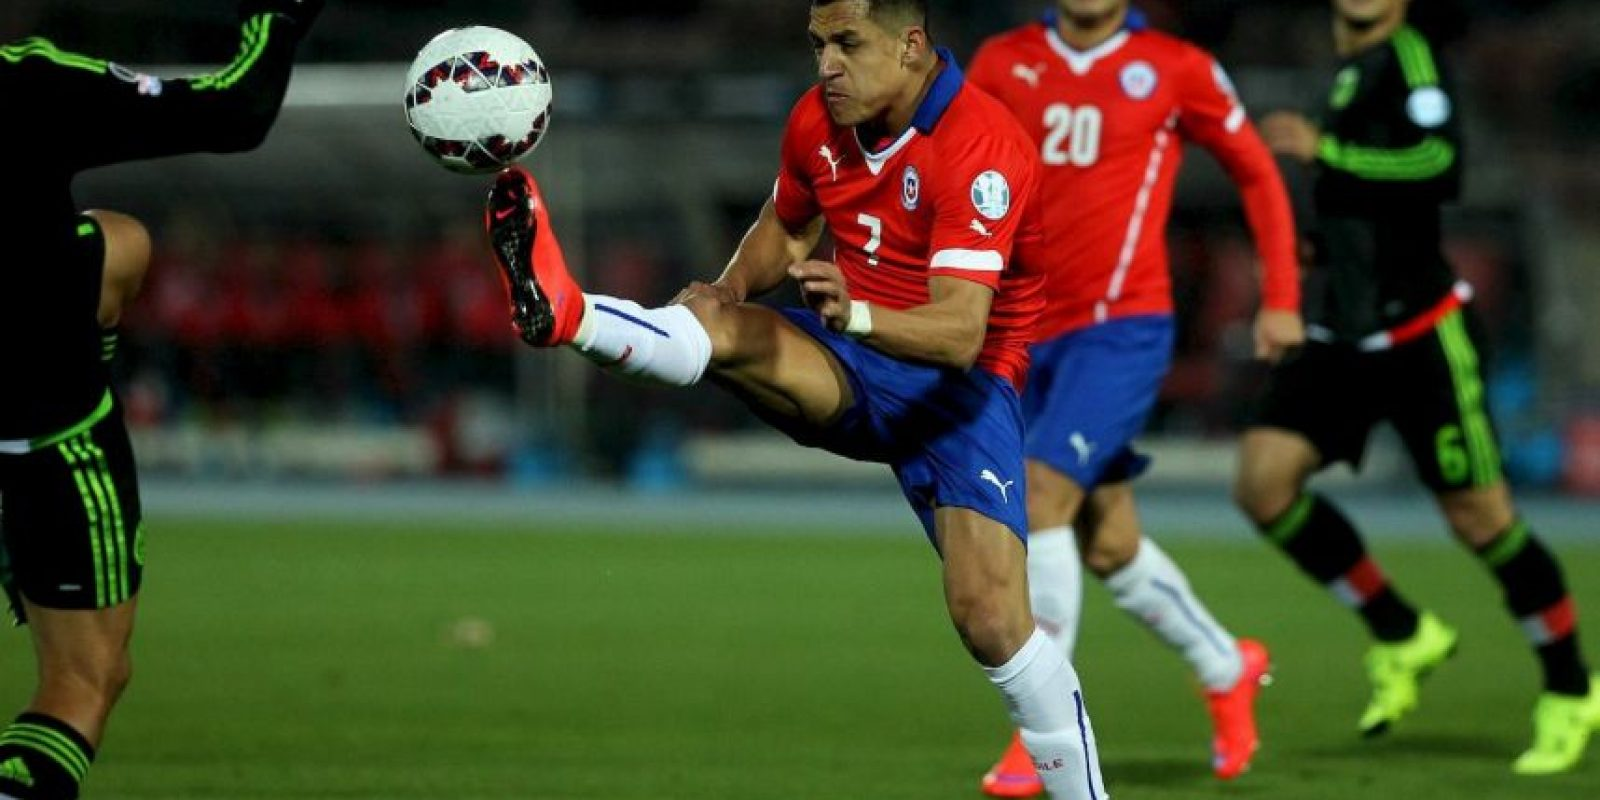 Los dos jugadores más mencionados del encuentro fueron… Foto:Vía facebook.com/SeleccionChilena